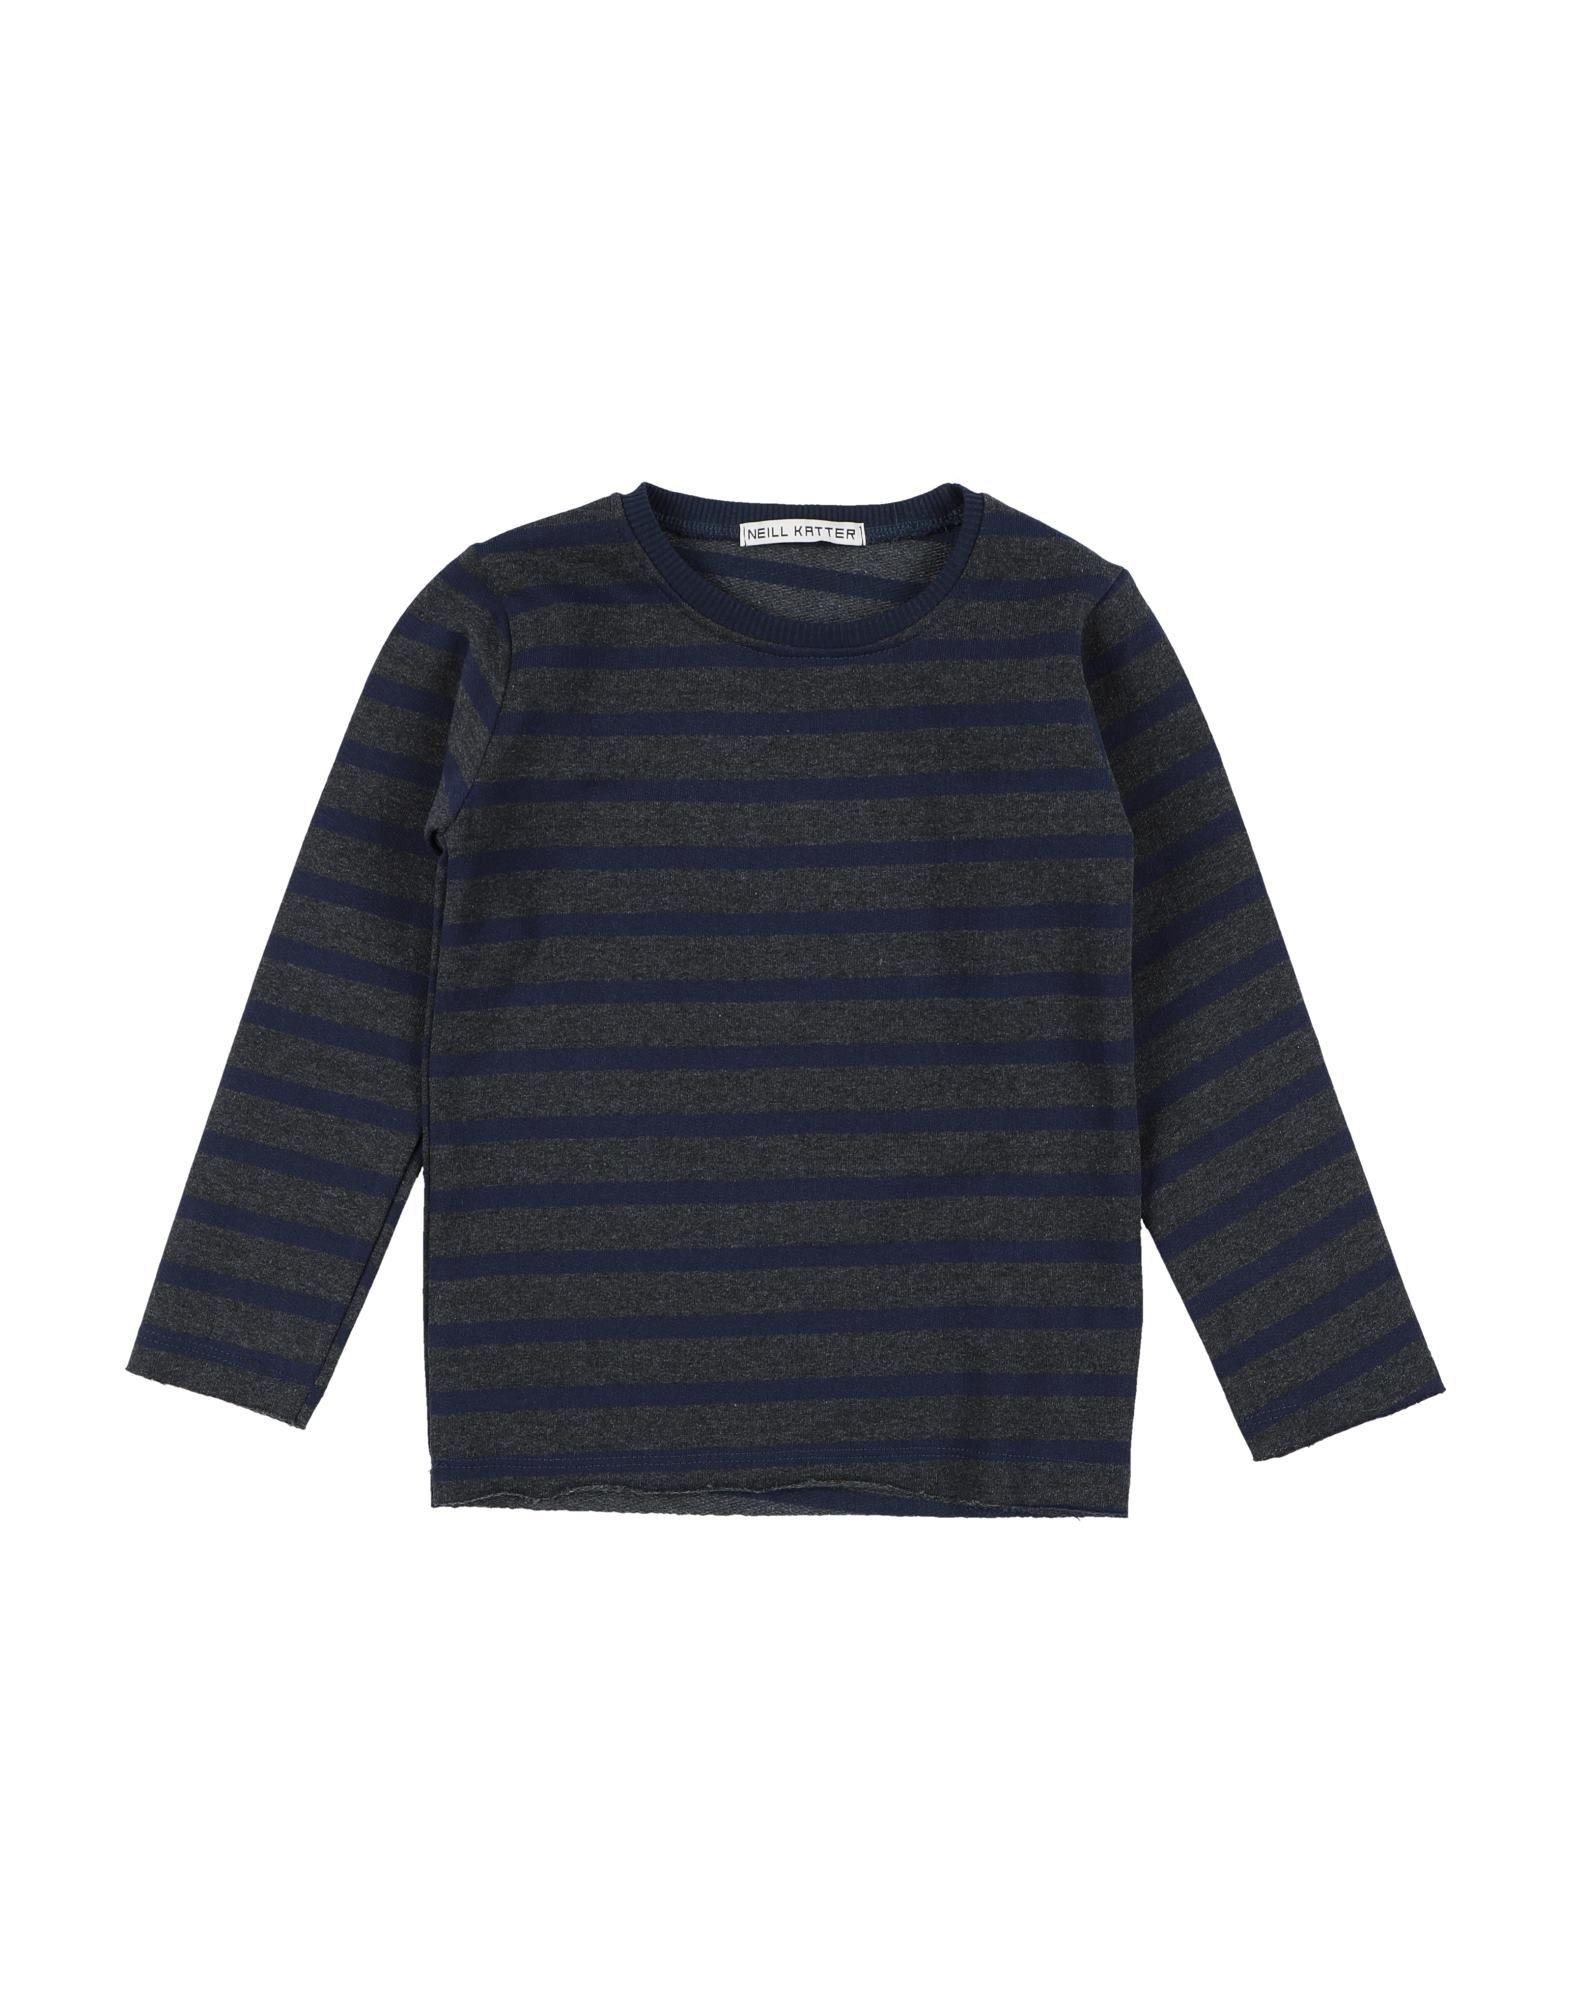 Neill Katter Kids' Sweatshirts In Black